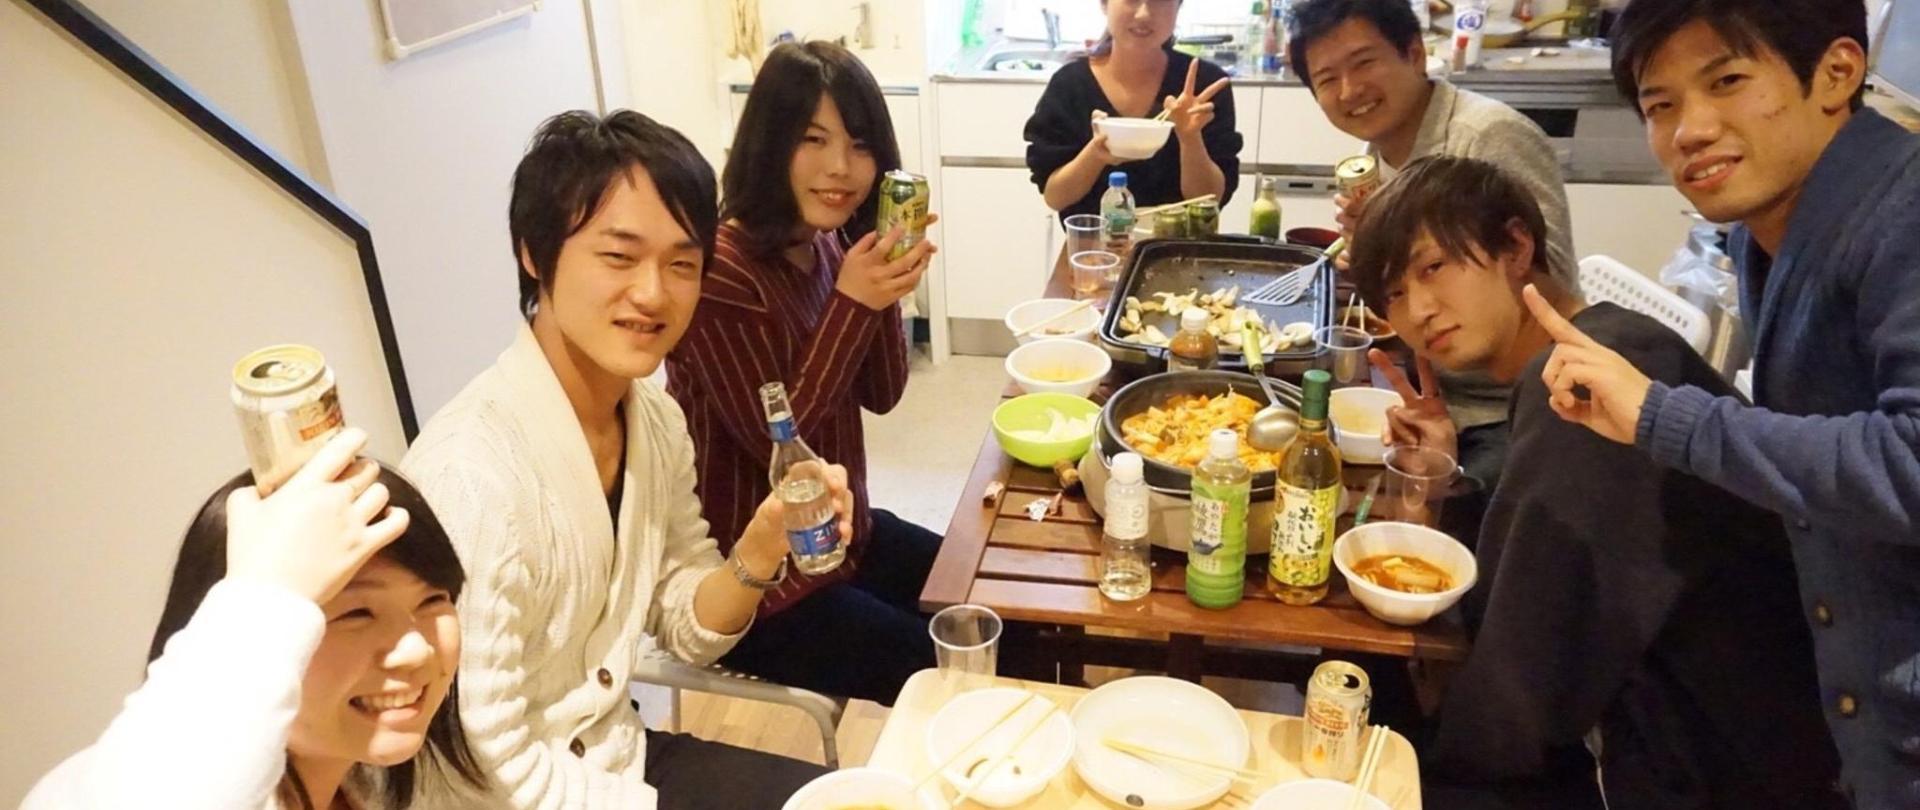 도쿄 아트 하우스